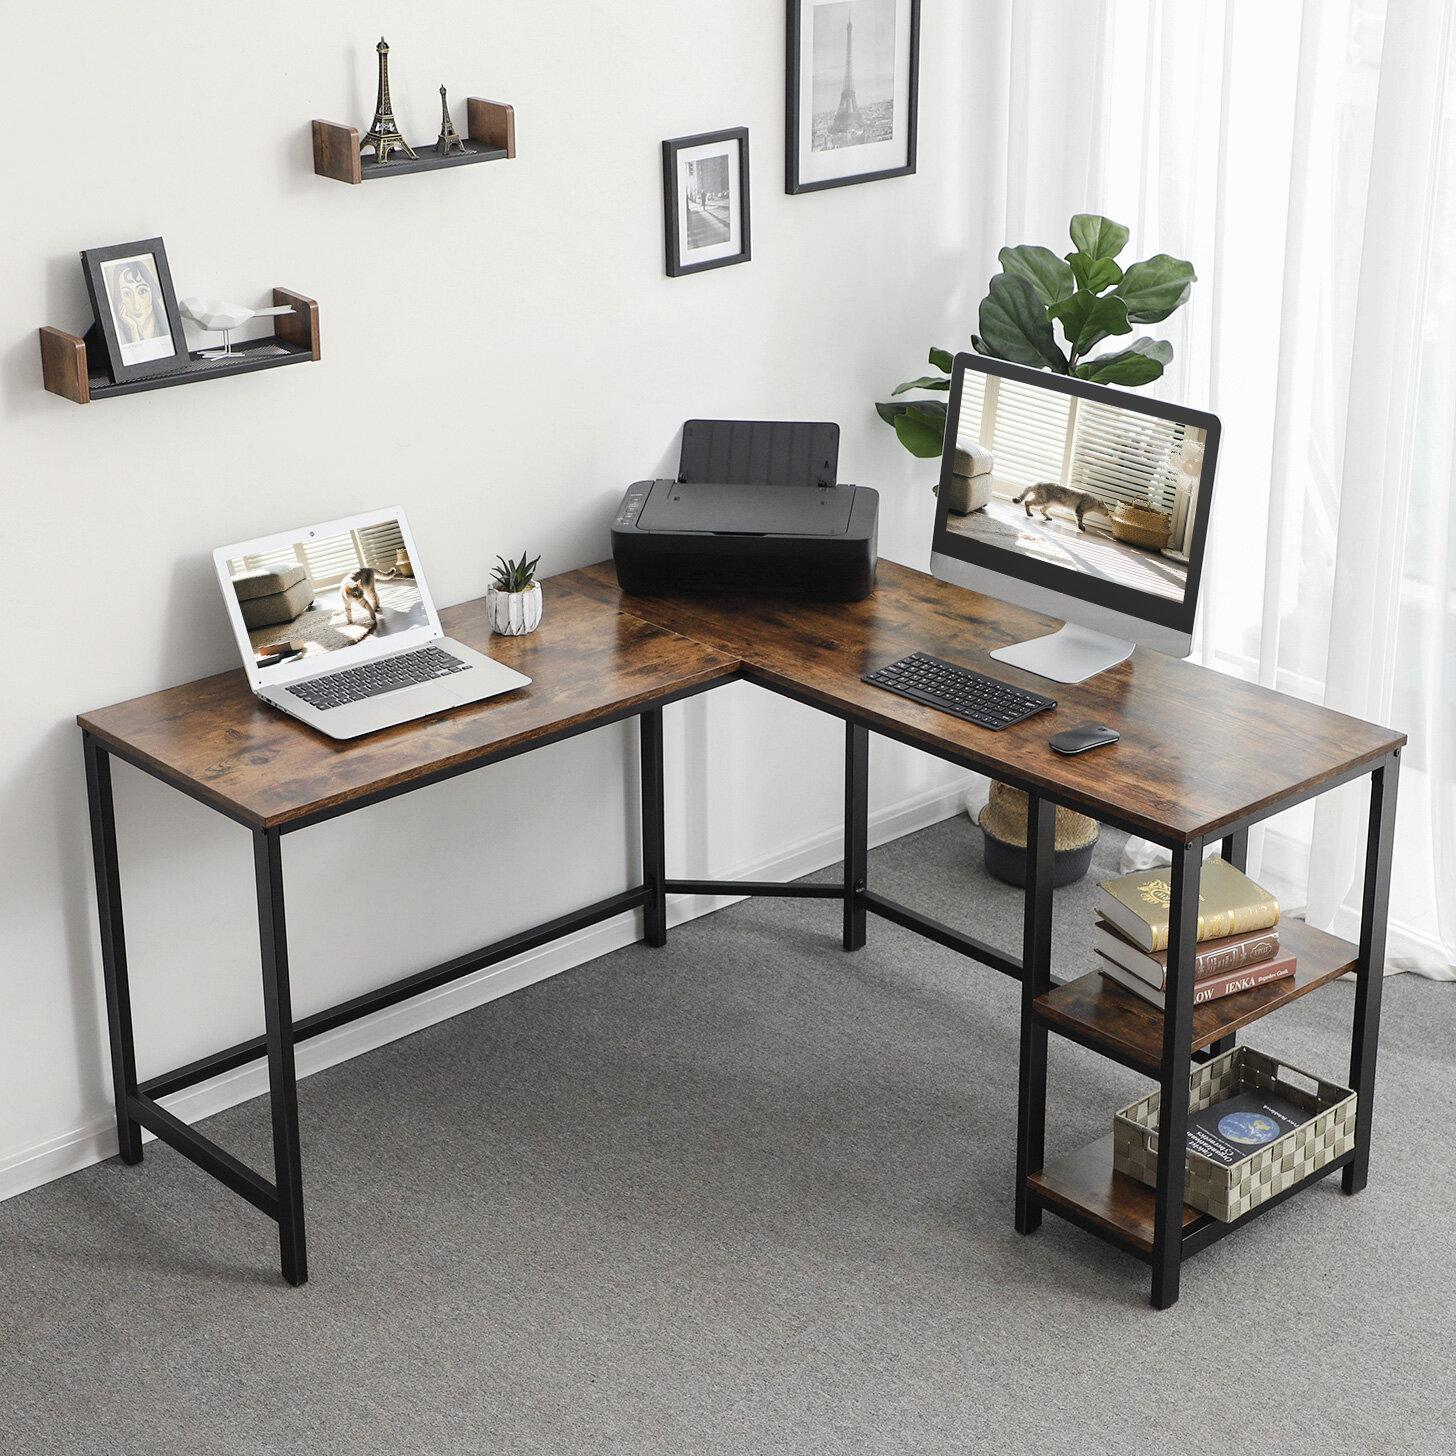 Williston Forge Enprise L Shape Desk Reviews Wayfair